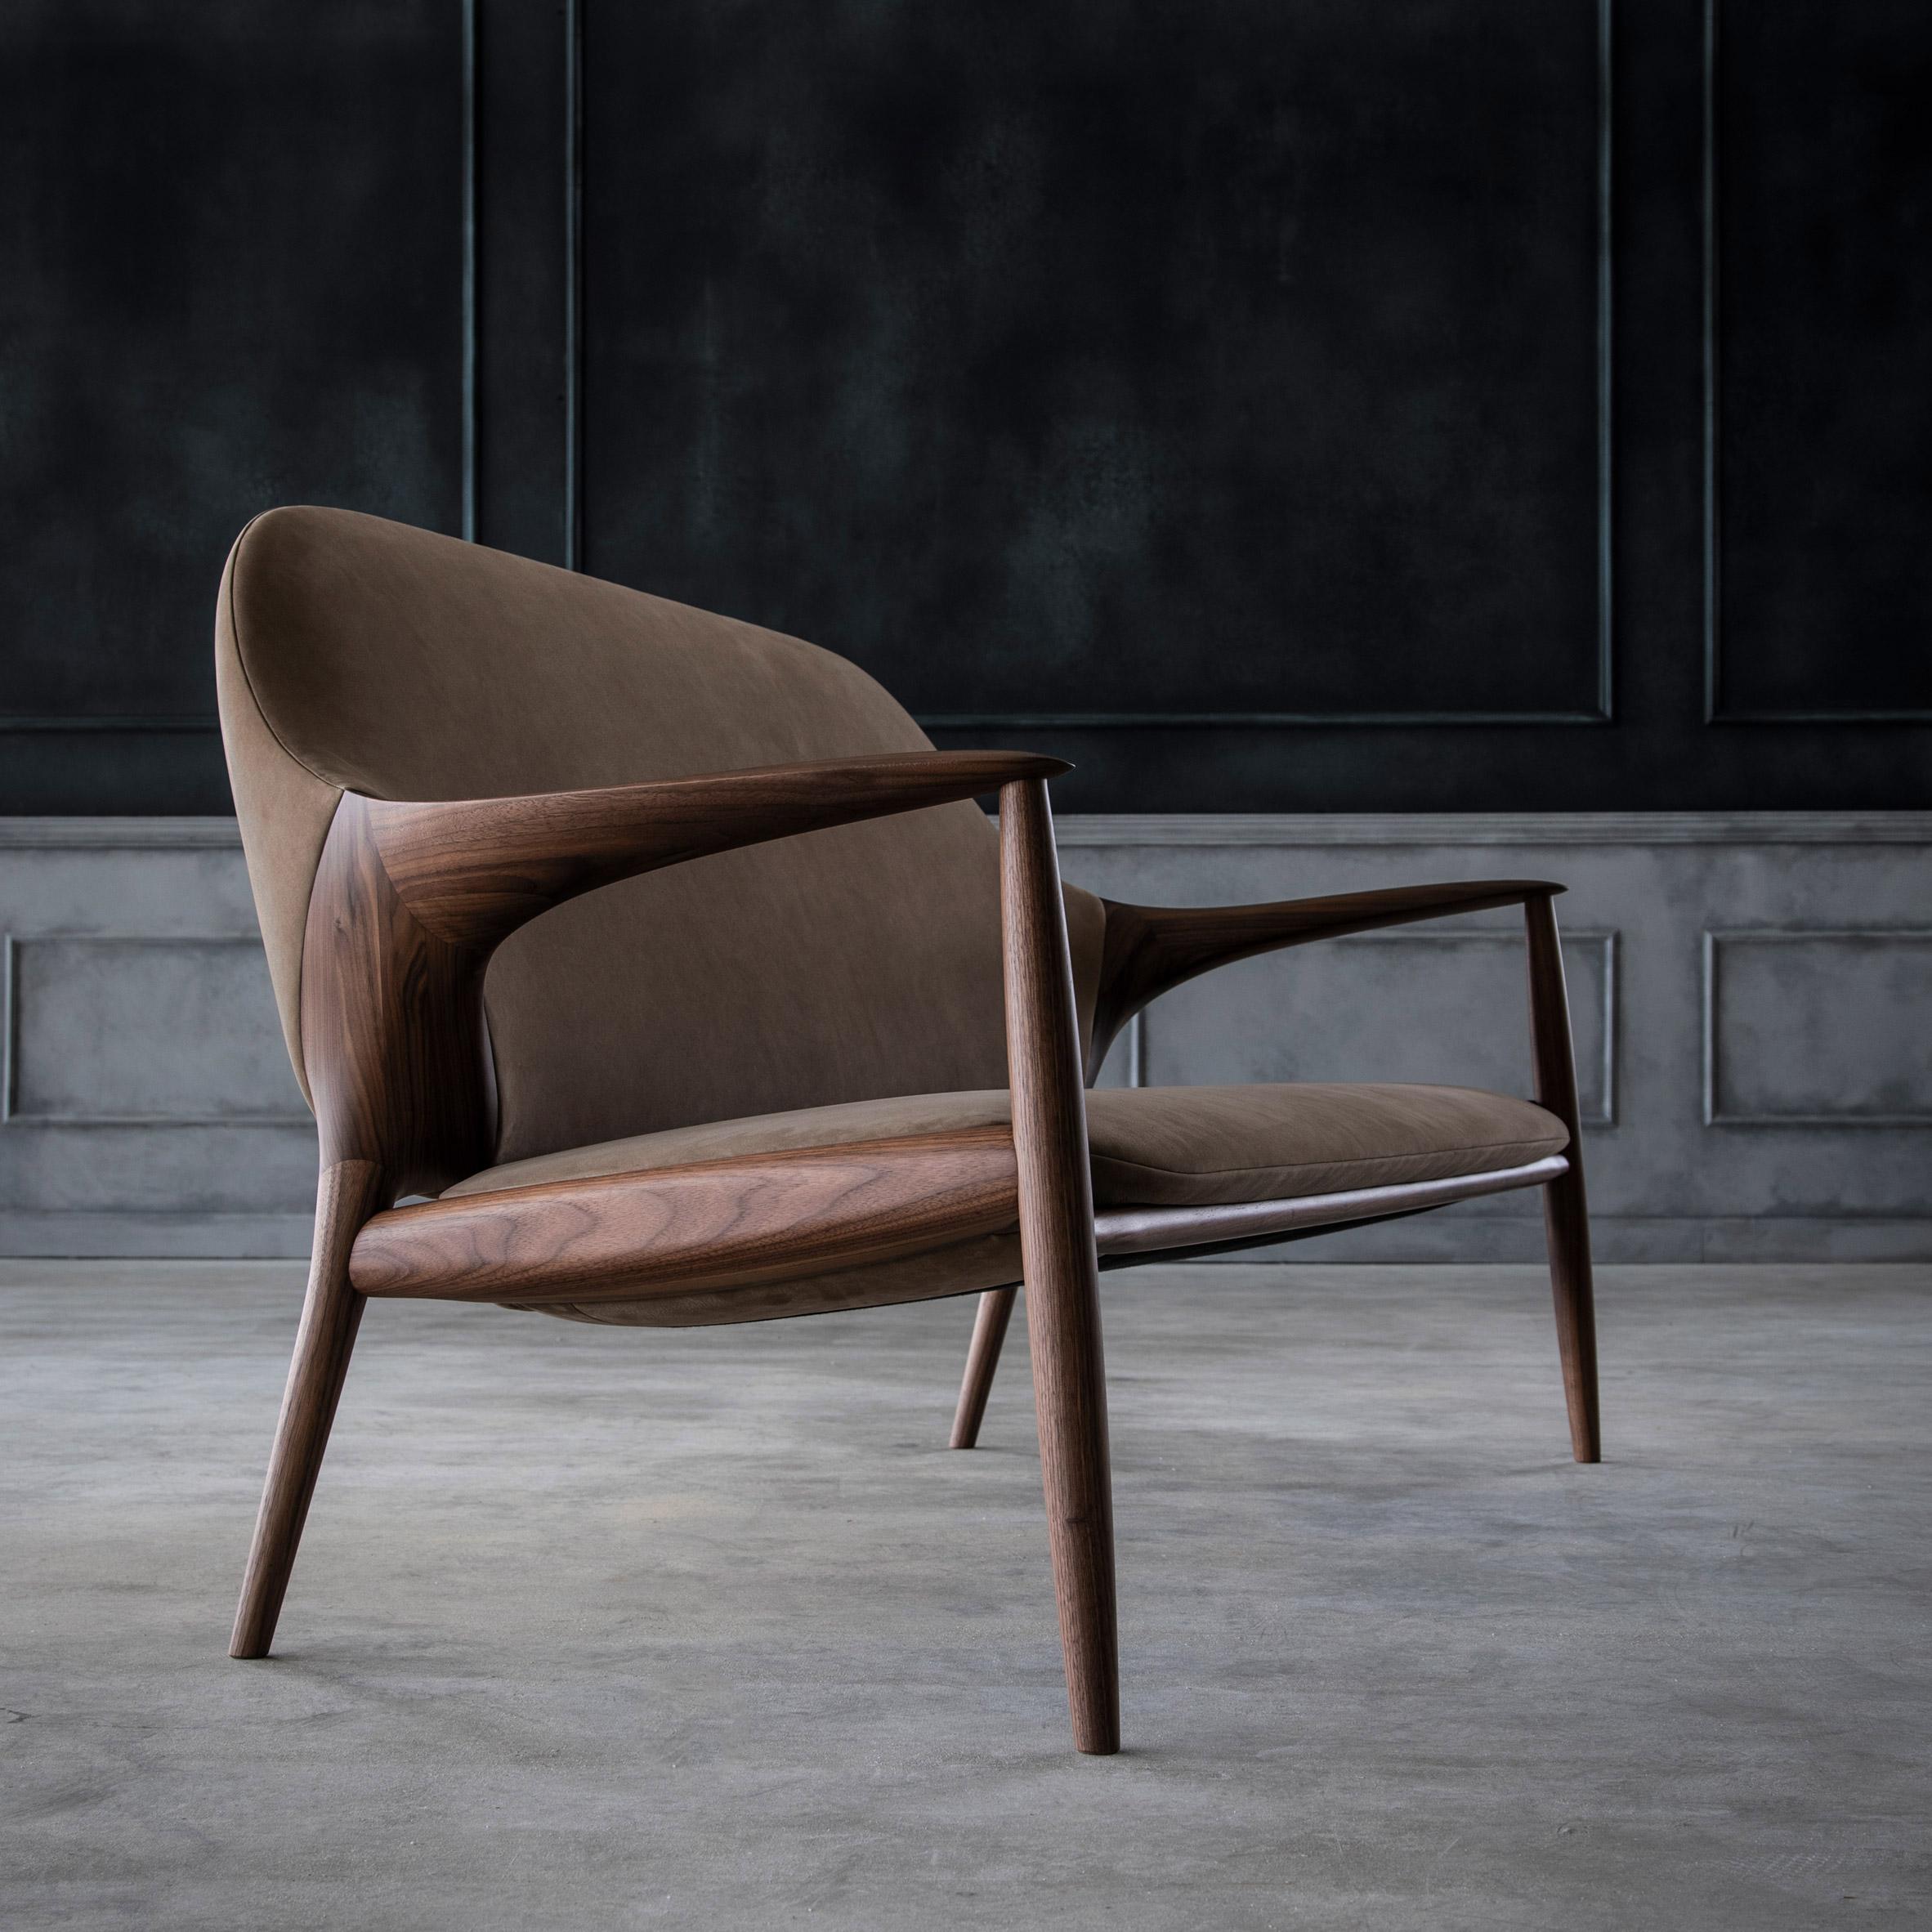 Beige Kunst sofa by Inoda + Sveje for Karimoku